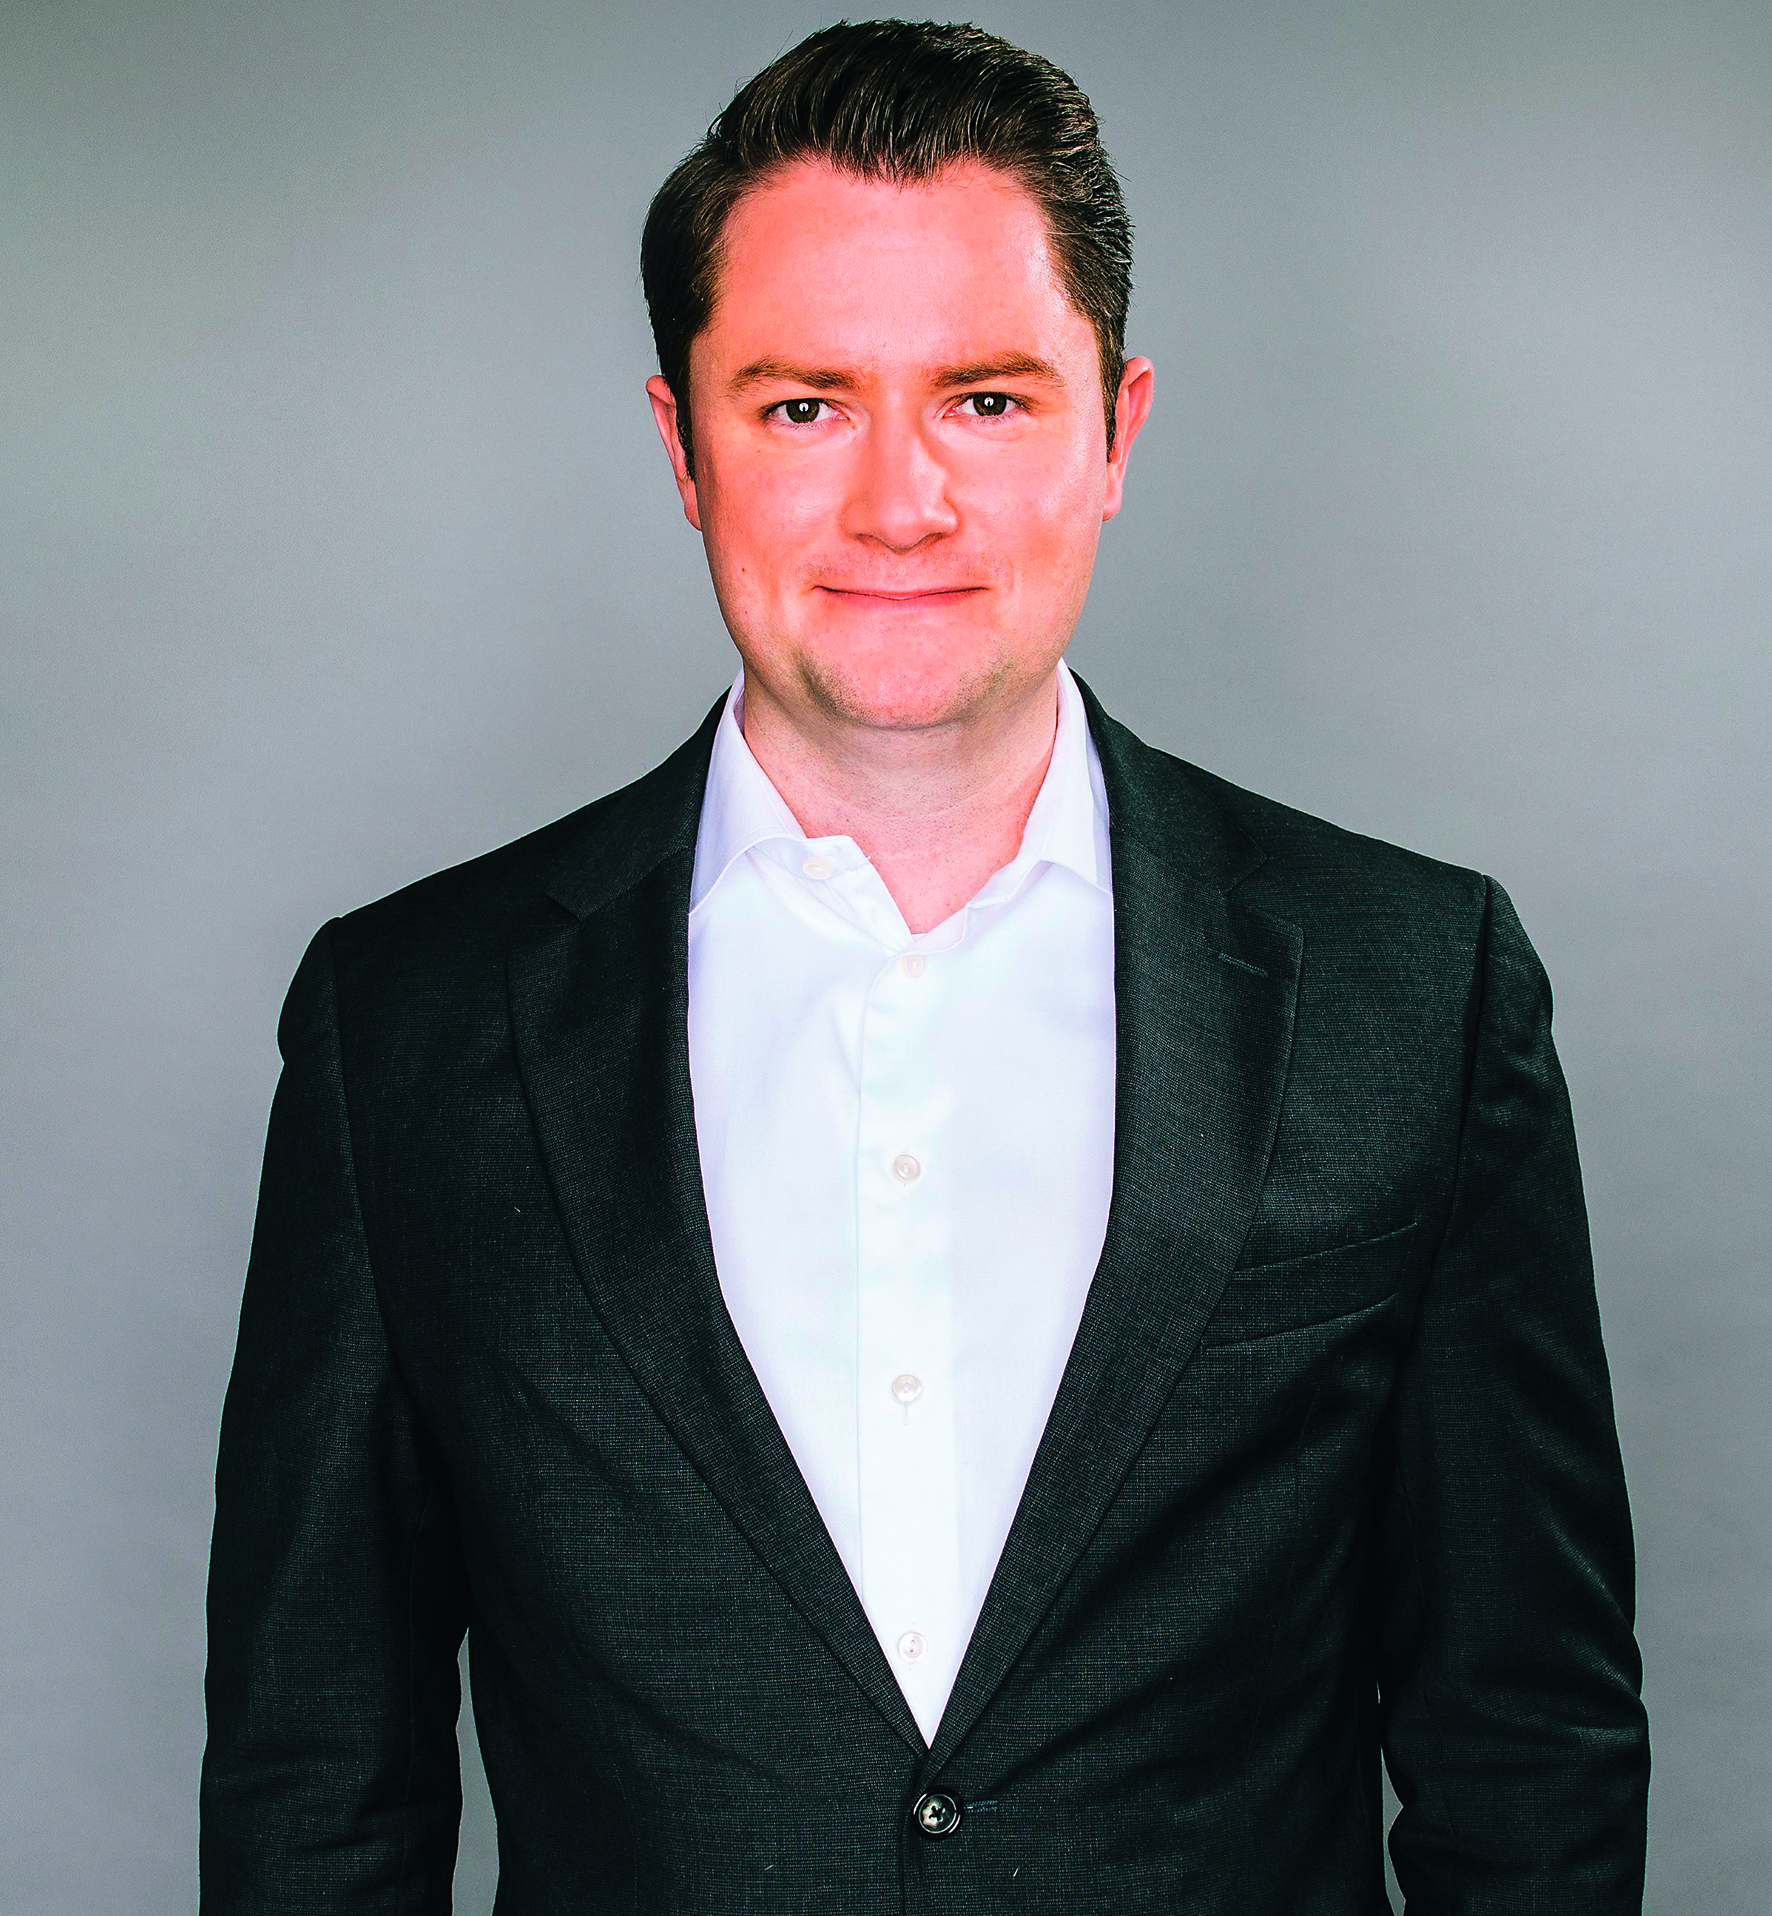 René Schumann ist Geschäftsführer von Kerkhoff Negotiations